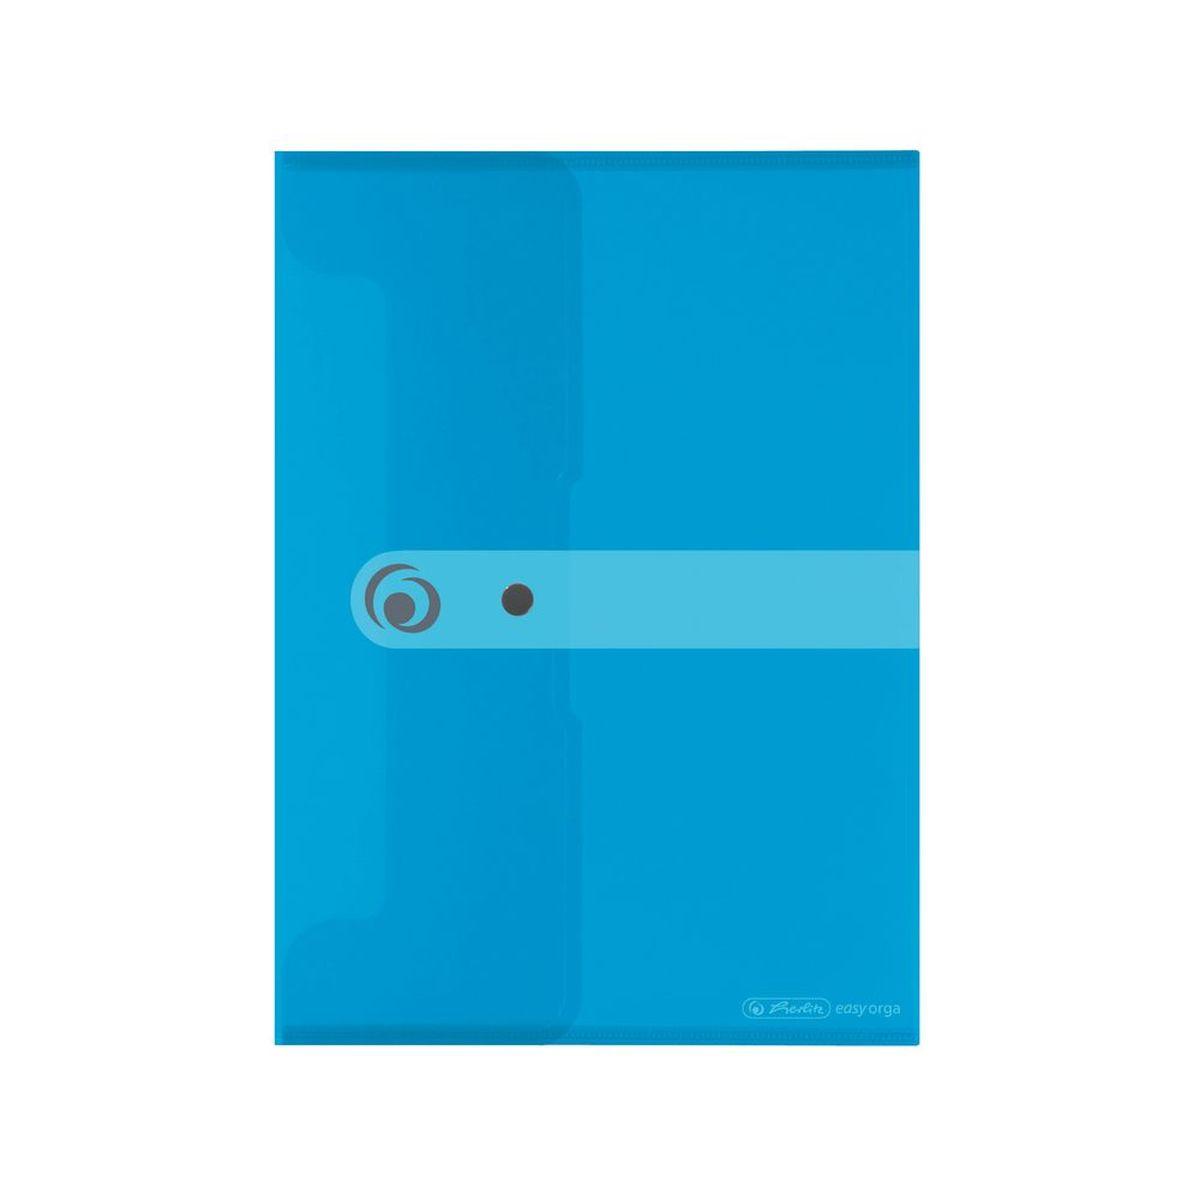 Herlitz Папка-конверт Easy orga формат A5 цвет синий11207073Папка-конверт для документов Herlitz Easy orga станет вашим верным помощником дома и в офисе. Это удобный и функциональный инструмент, предназначенный для хранения и транспортировки больших объемов рабочих бумаг и документов формата А5. Папка изготовлена из качественного полипропилена. Состоит из одного вместительного отделения. Закрывается папка просто и удобно - при помощи кнопки, которая ее надежно фиксирует. Папка - это незаменимый атрибут для любого студента, школьника или офисного работника. Такая папка надежно сохранит ваши бумаги и сбережет их от повреждений, пыли и влаги.